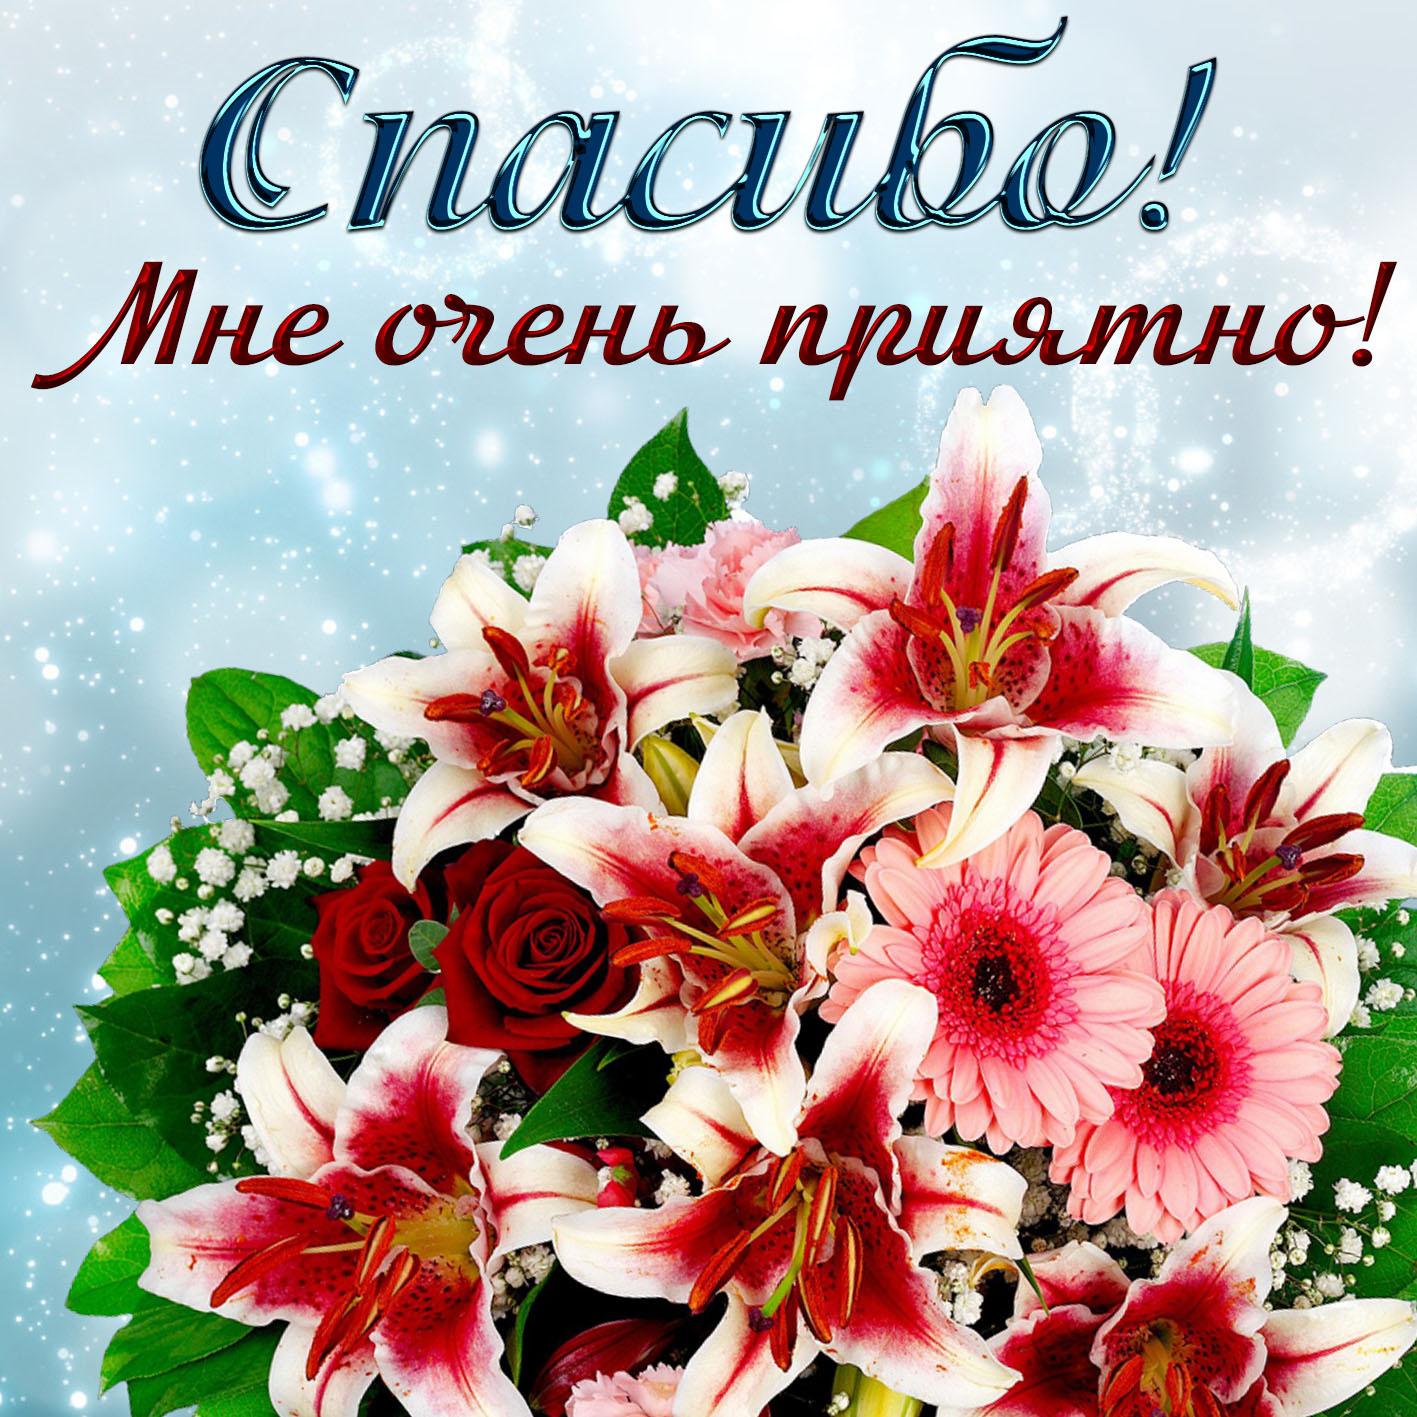 Открытка - яркий букет цветов со словами благодарности